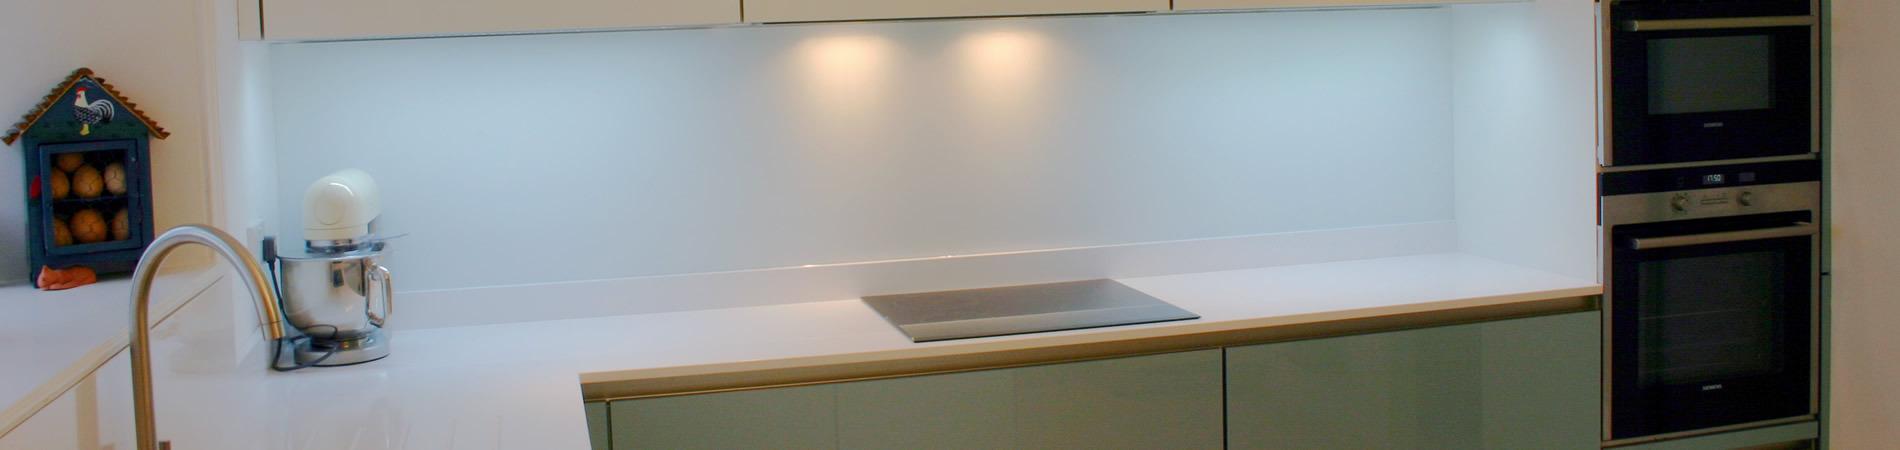 Glasrückwand Küche